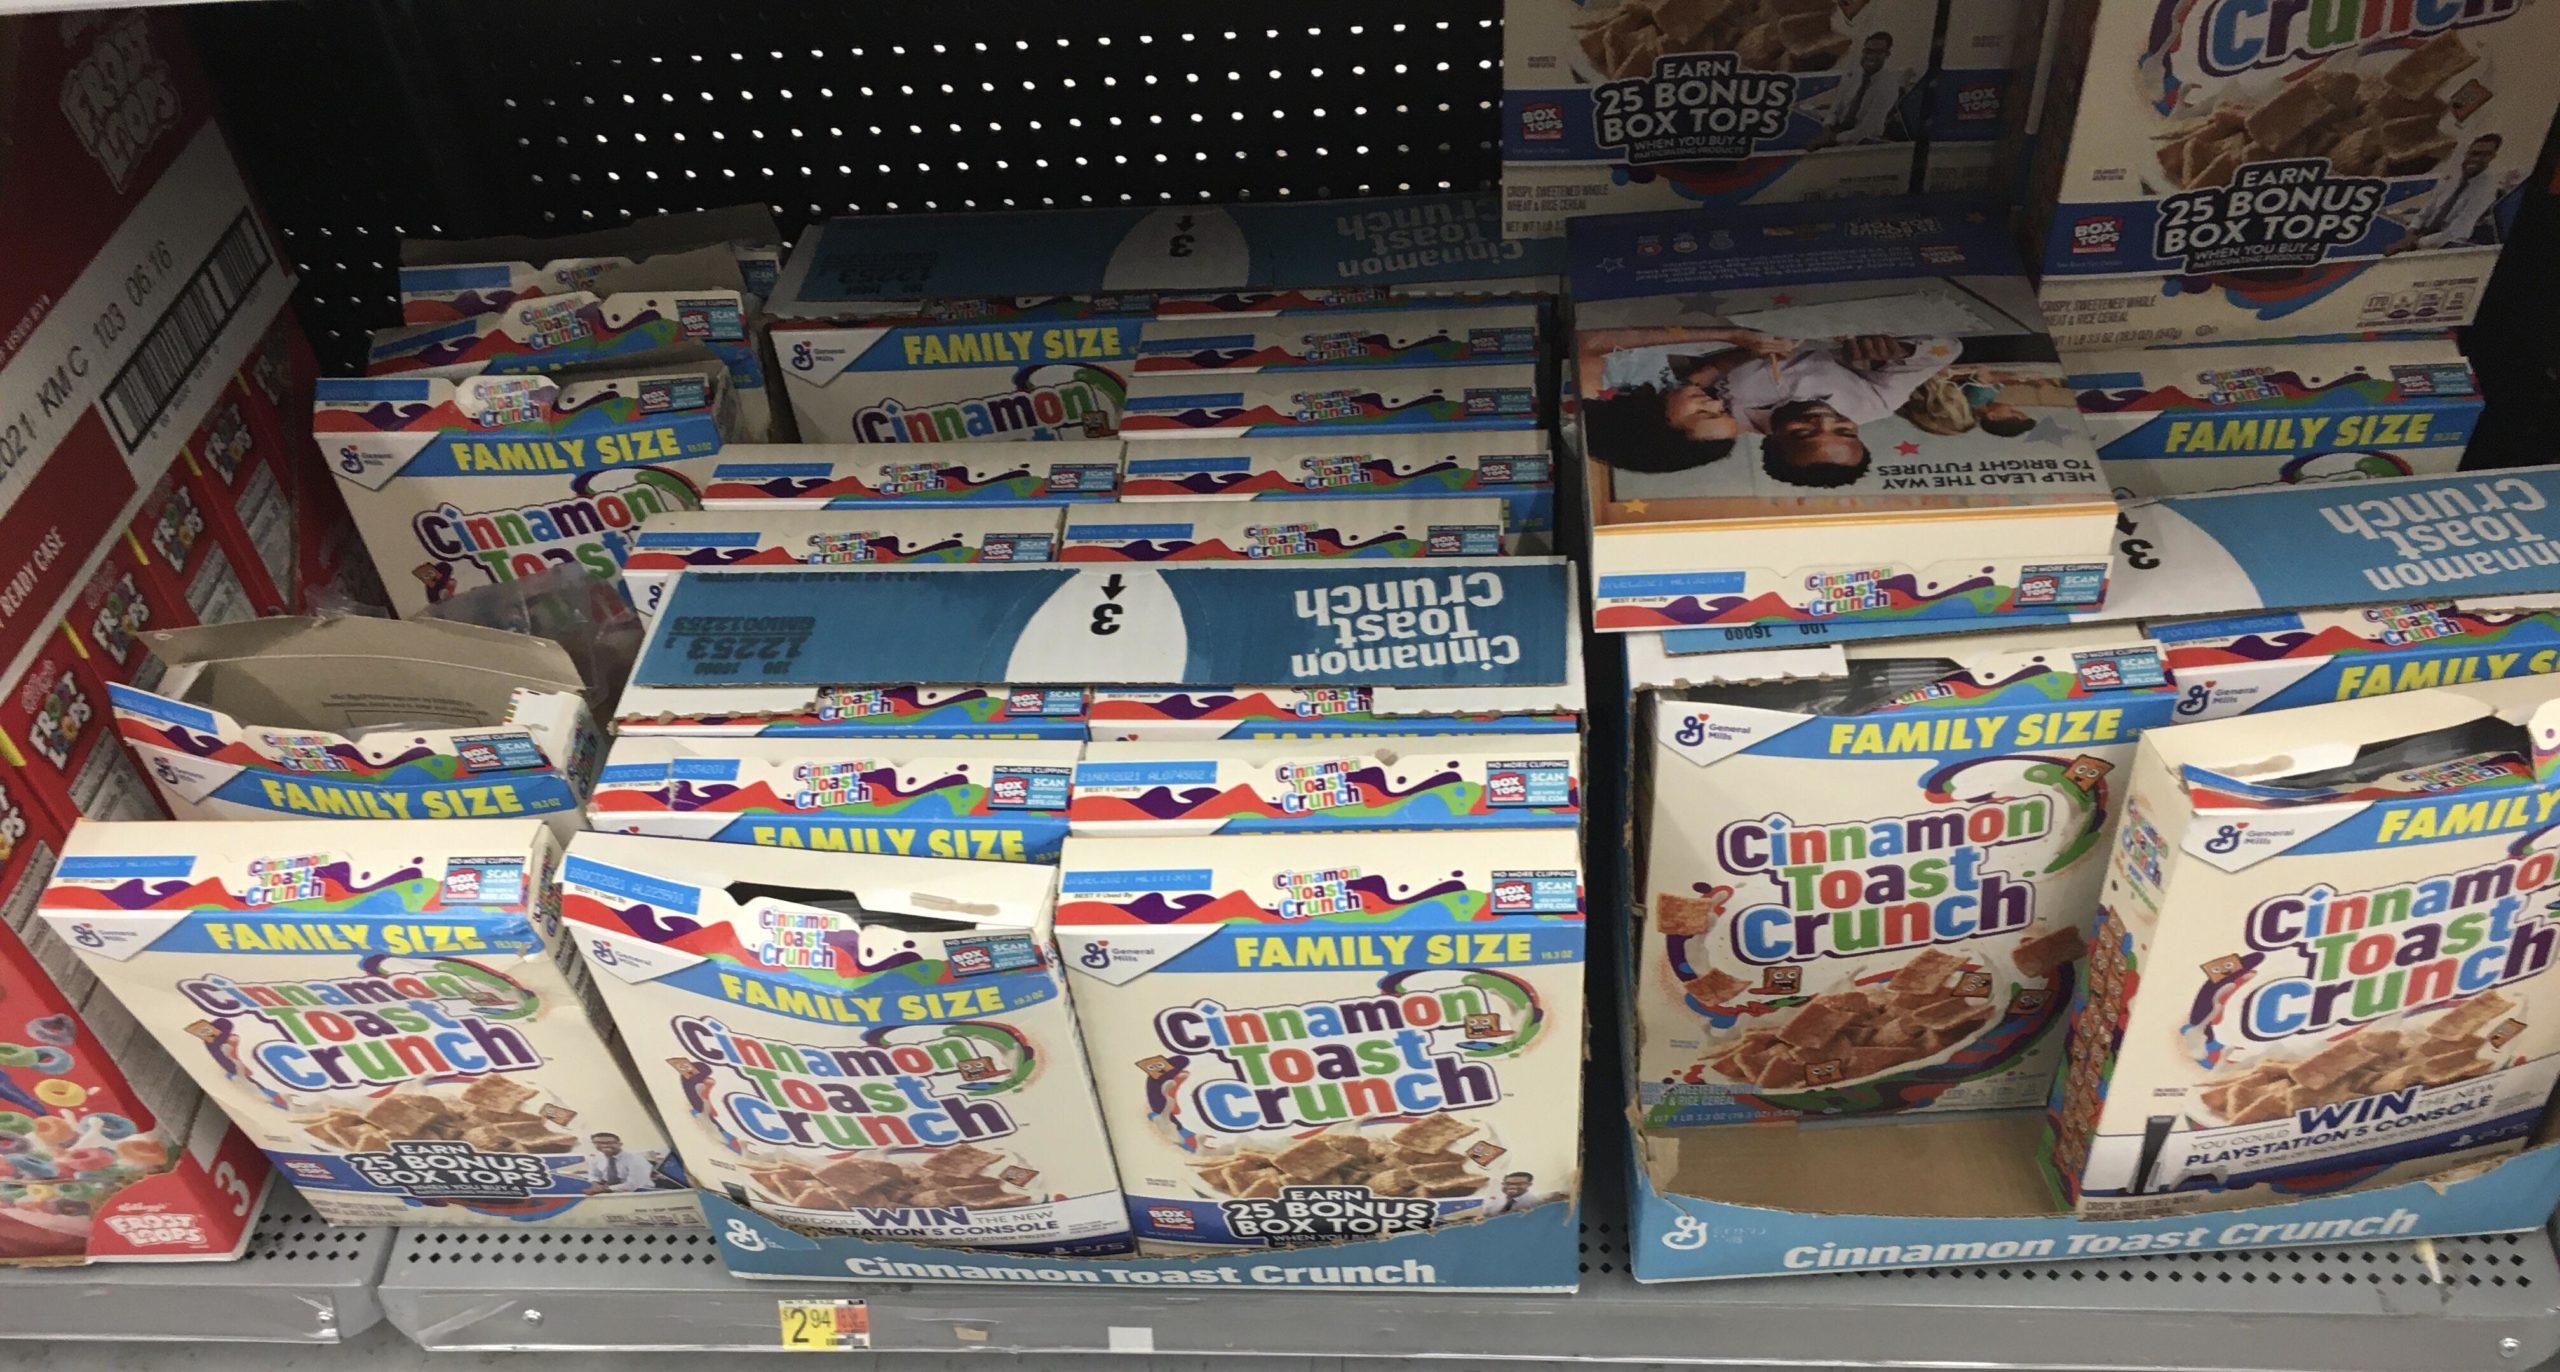 Abren cajas de cereales en tiendas para obtener PlayStation 5 como premio